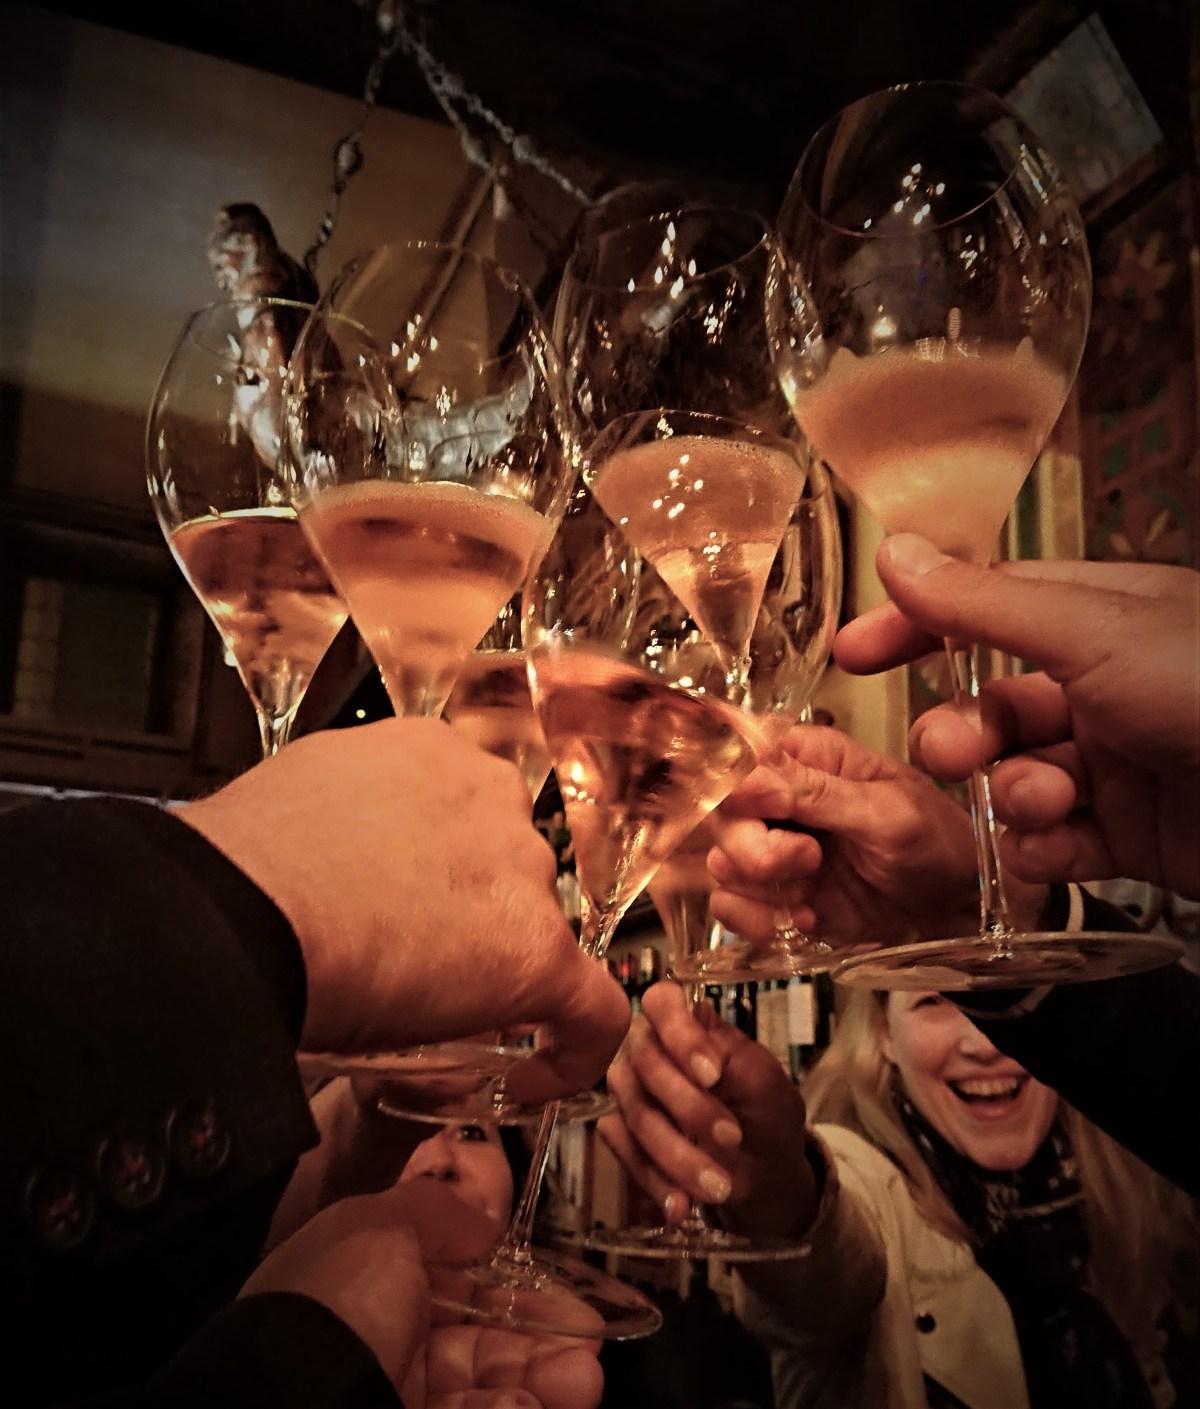 Sparkling wine being enjoyed